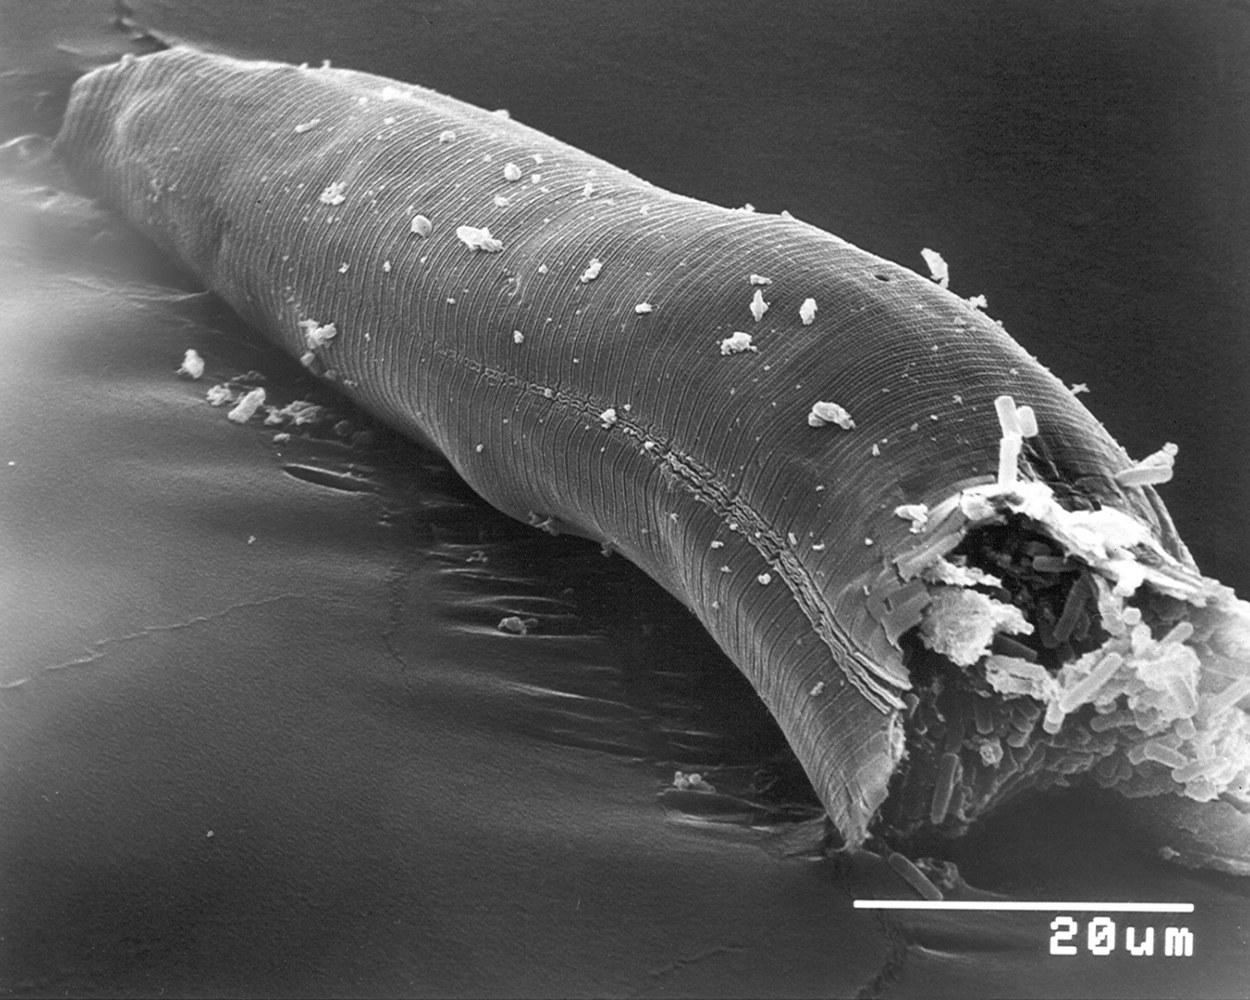 Elektronenmikroskopische Aufnahme von einem Fadenwurm, der mit dem pathogenen Bakterium Bacillus thuringiensis infiziert ist. Das Bild zeigt das Vorderende des Fadenwurms, der in der Mitte aufgebrochen wurde. Im Inneren des Wurms erkennt man eine große Anzahl der länglich ovalen Bakterien, die sich während der Infektion umfangreich vermehrt haben und dabei alle inneren Strukturen und Organe zerstört haben. Foto: PNAS, Copyright: PNAS.